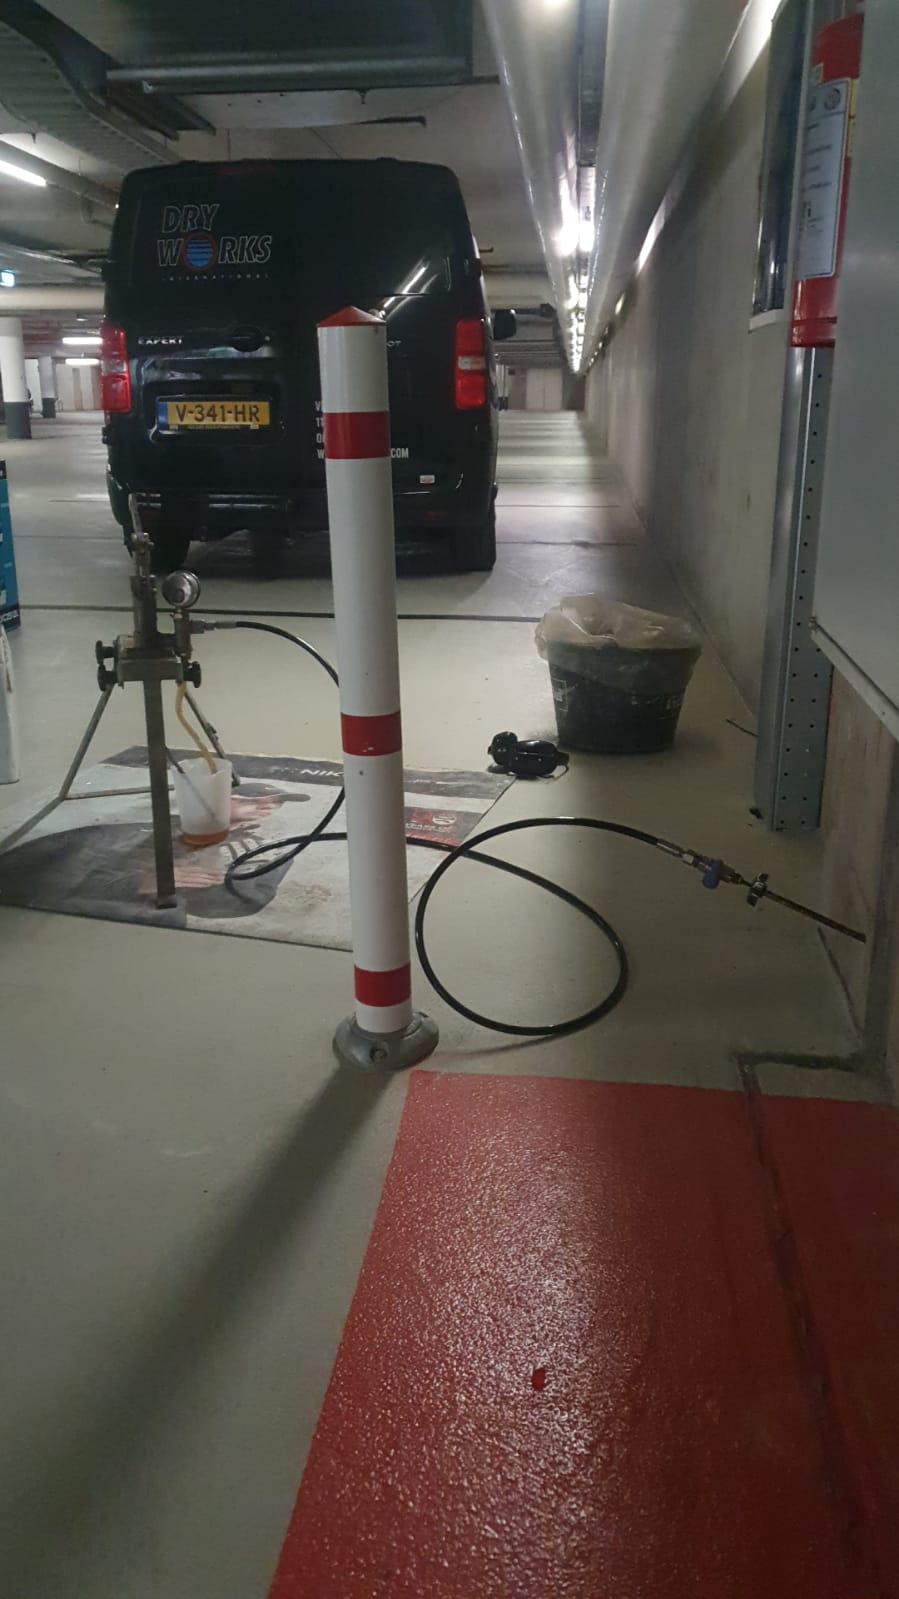 Project van Dry Works Gustav Mahlerlaan 10 te Amsterdam, parkeergarage: lekkage, vochtproblemen, kelderlekkage, injecteren, vochtbestrijding